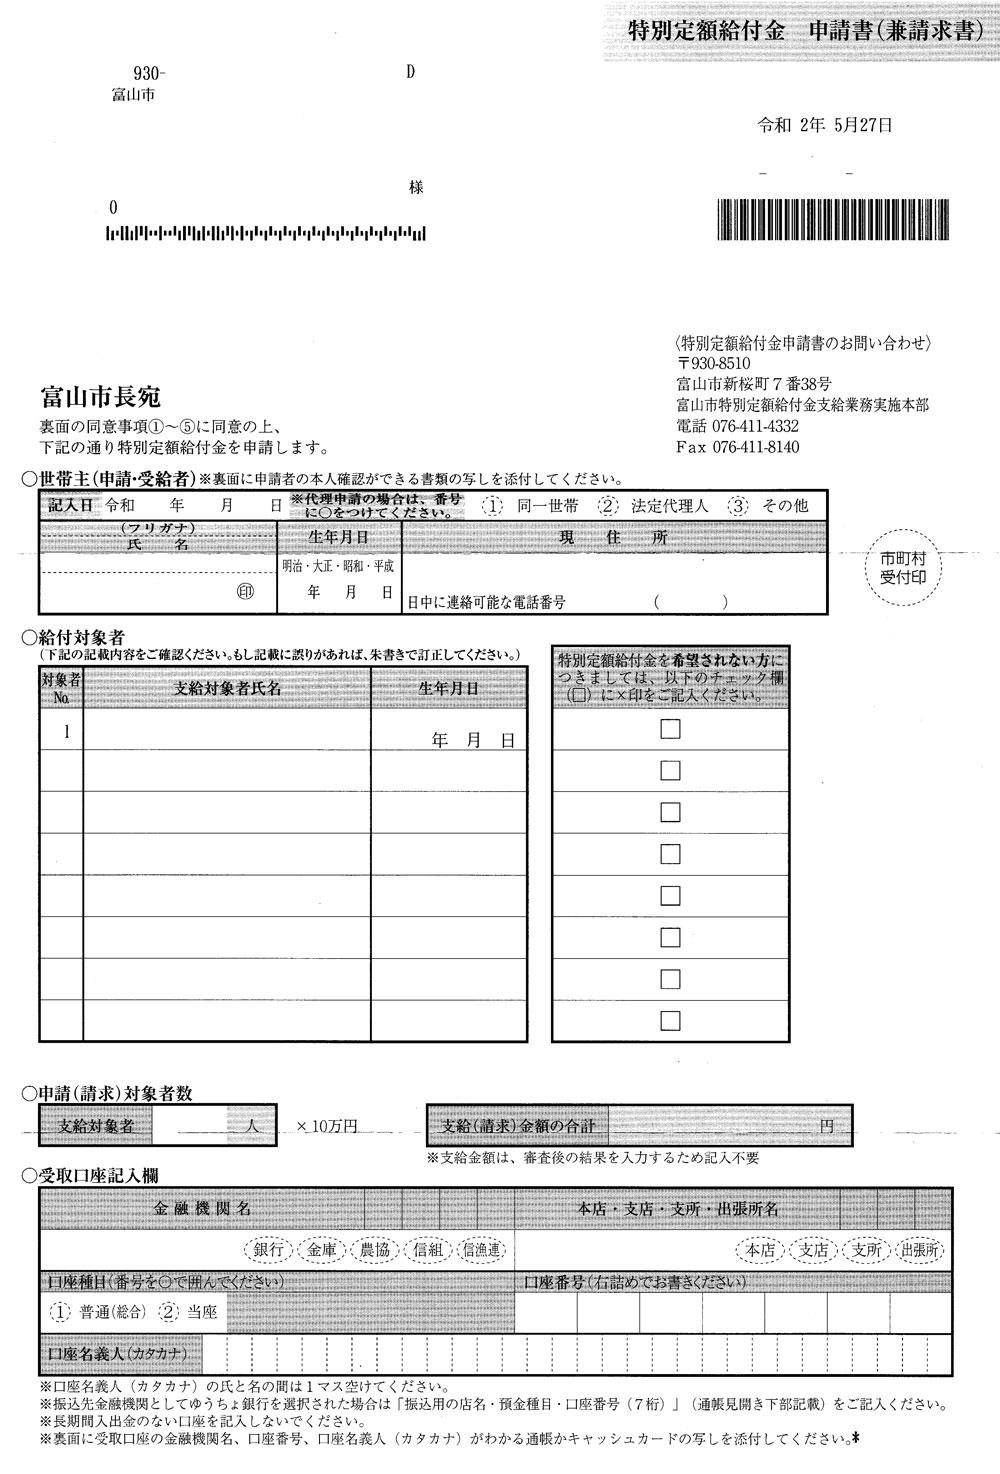 富山市の特別定額給付金の申請書類